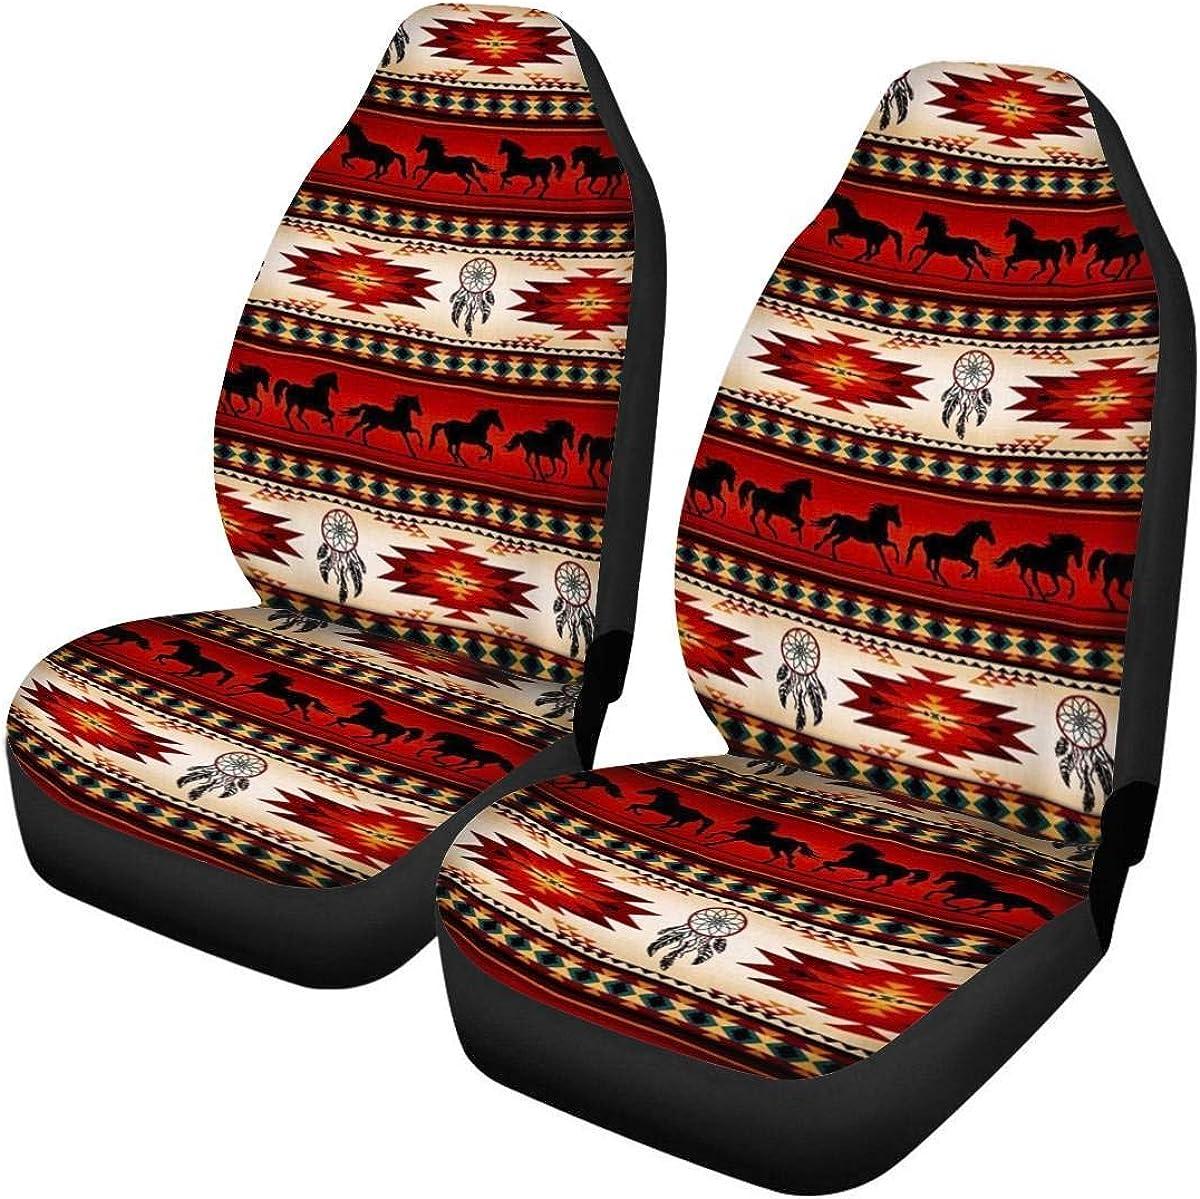 Funda de asiento azteca para nativos americanos Baja Navajo Manta de silla de montar de caballo tribal africano Tejido Funda de asiento de cubo universal Juego de 2